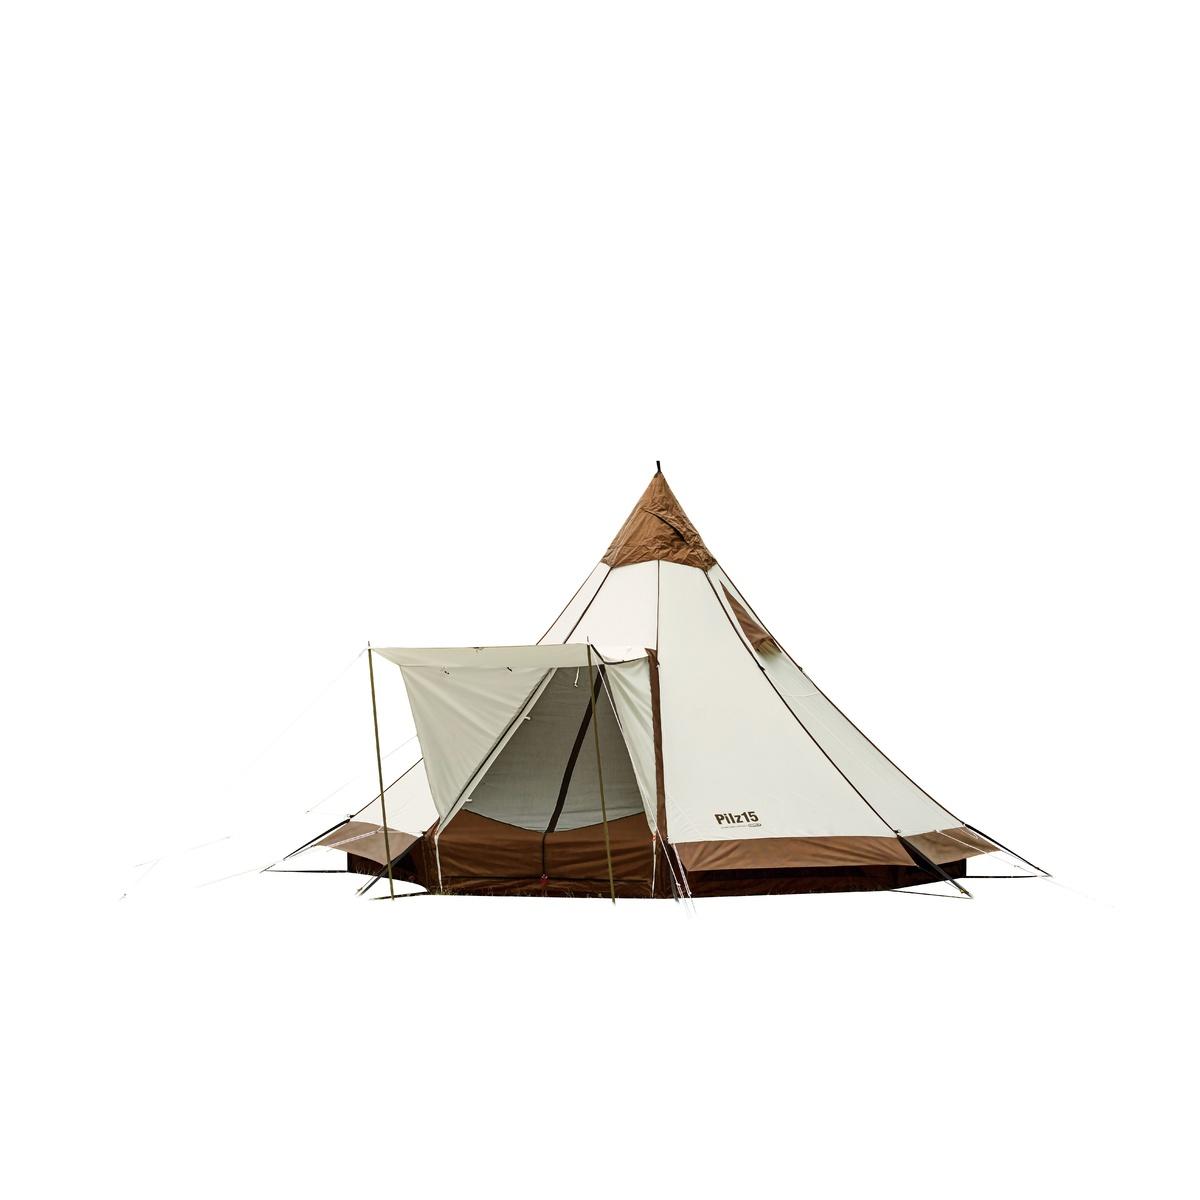 【送料無料】 ogawa(オガワ) キャンプ用品 ファミリーテント ピルツ15 T/C 76700